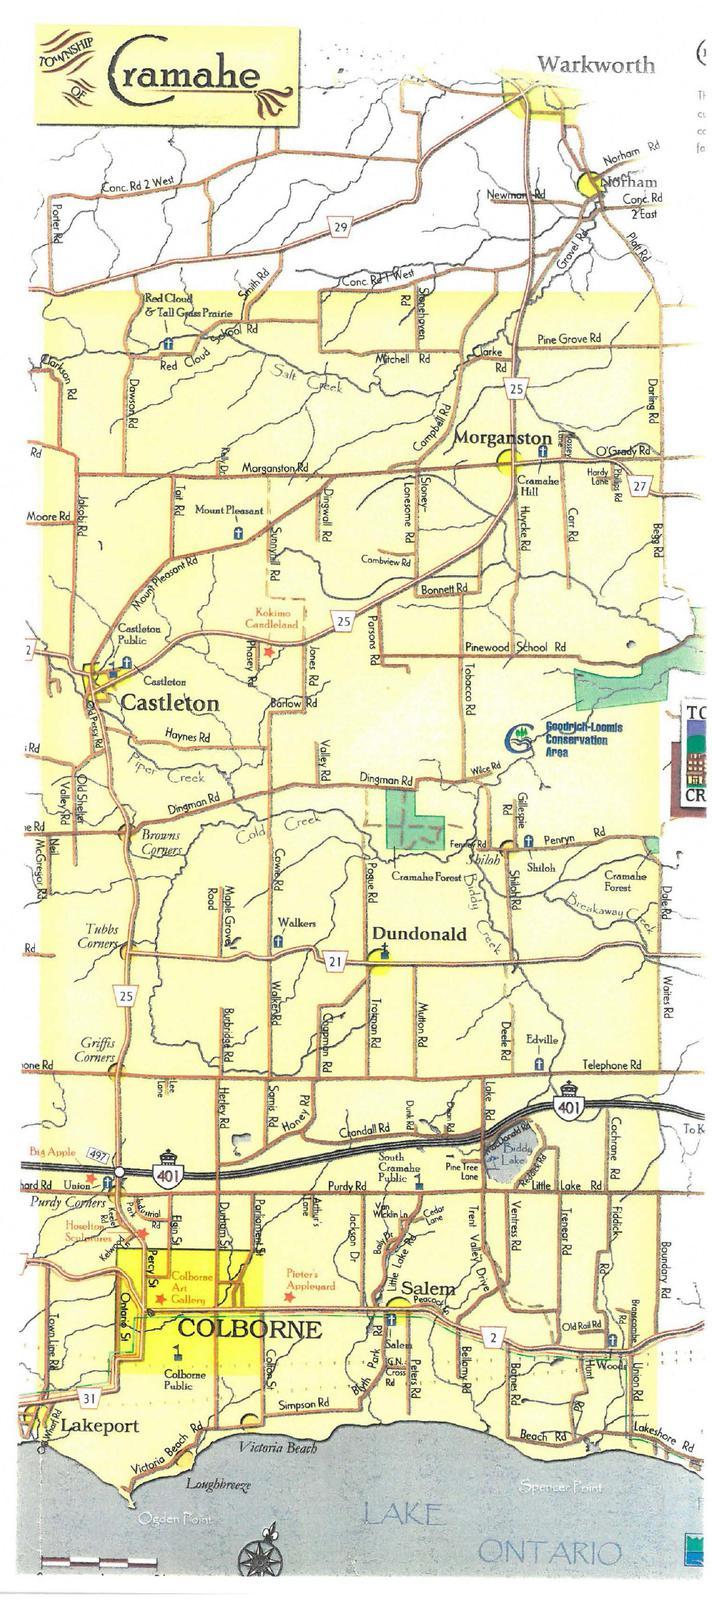 Cramahe Township map, exhibit